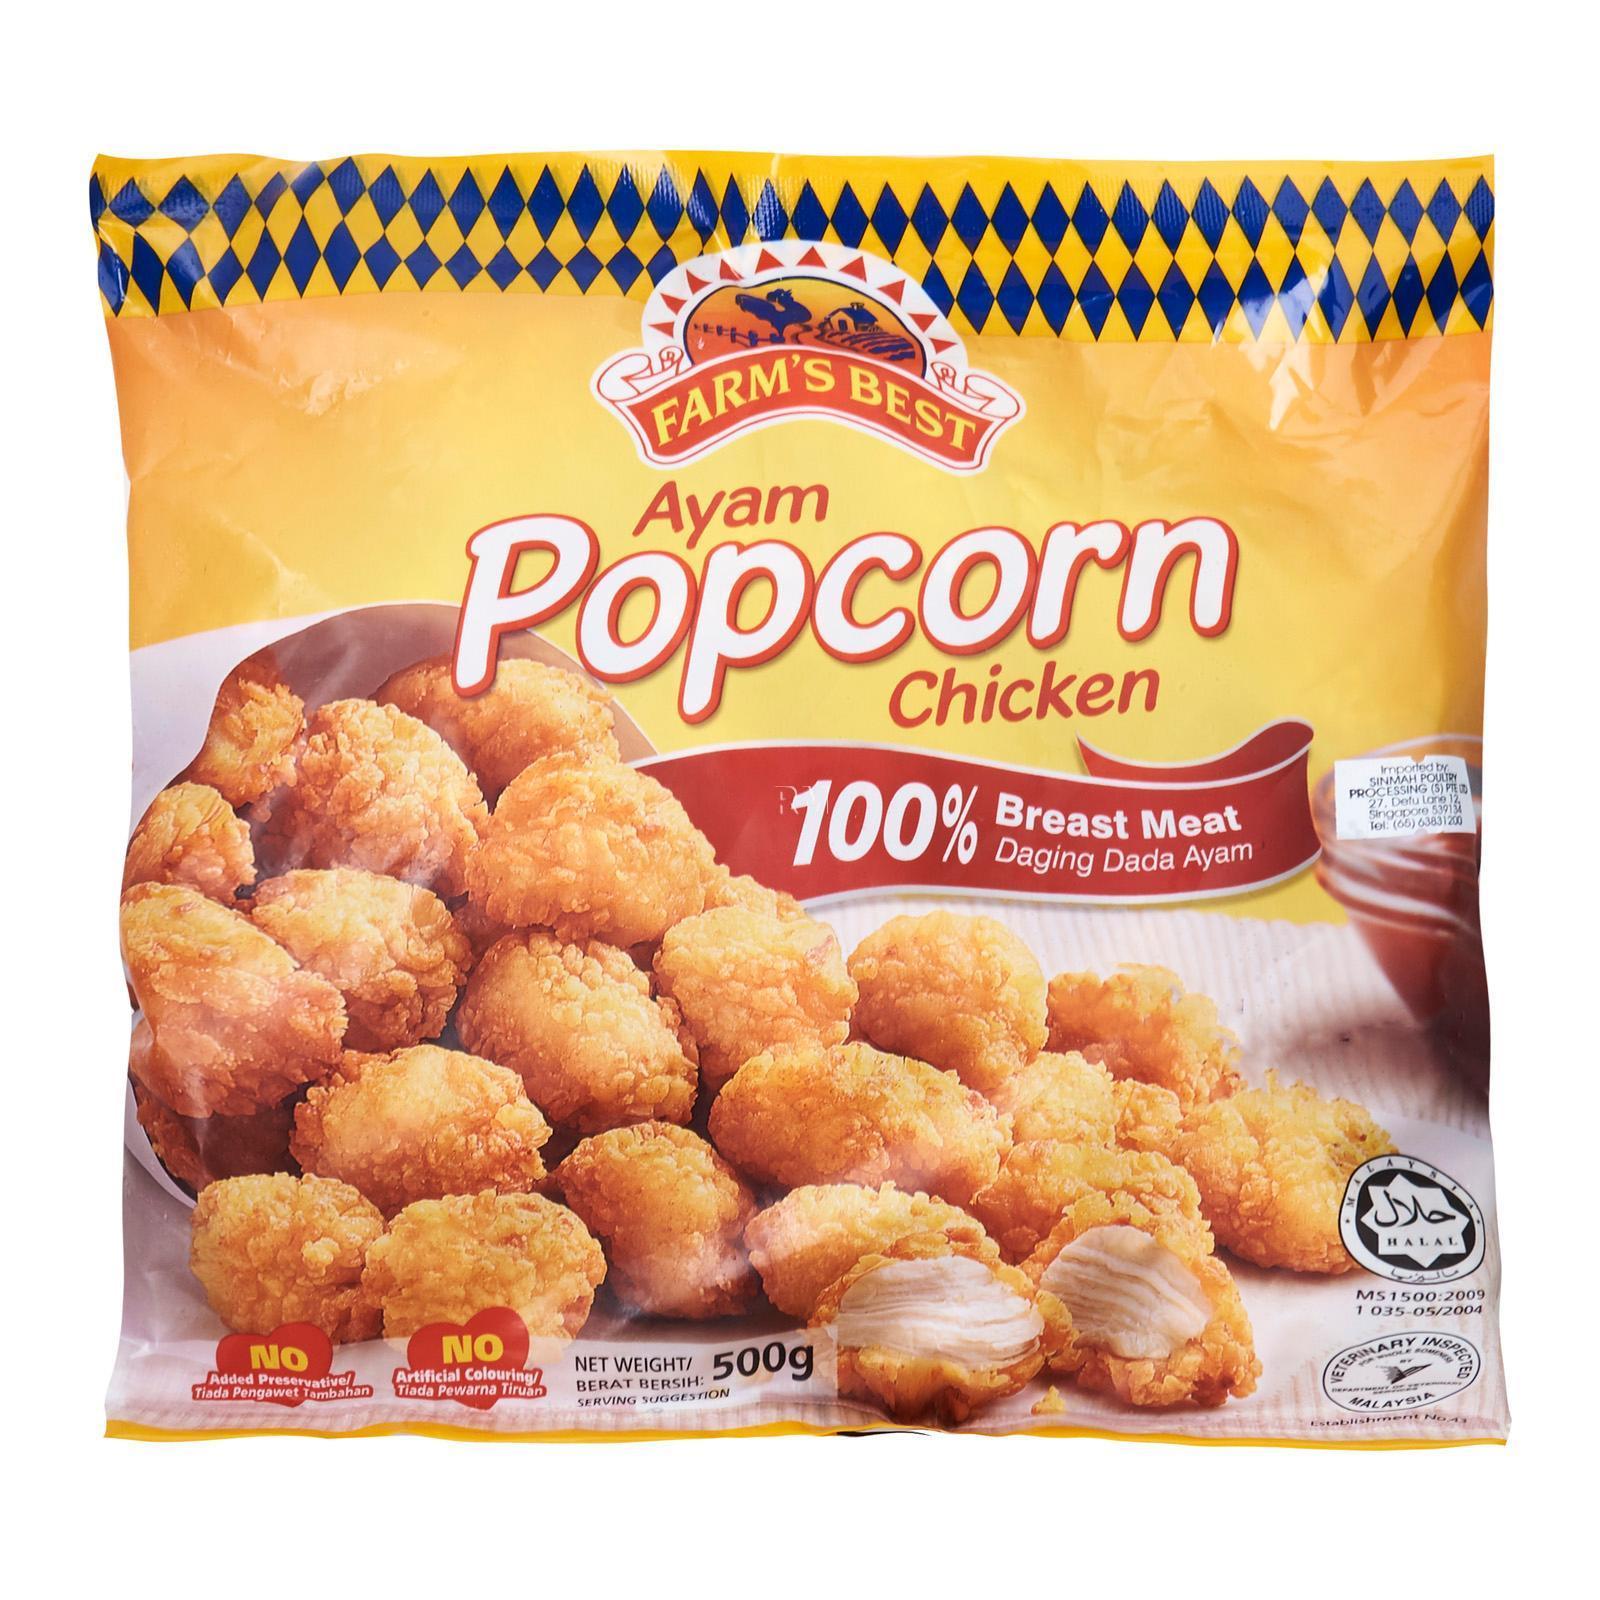 Farm's Best Popcorn Chicken - Frozen